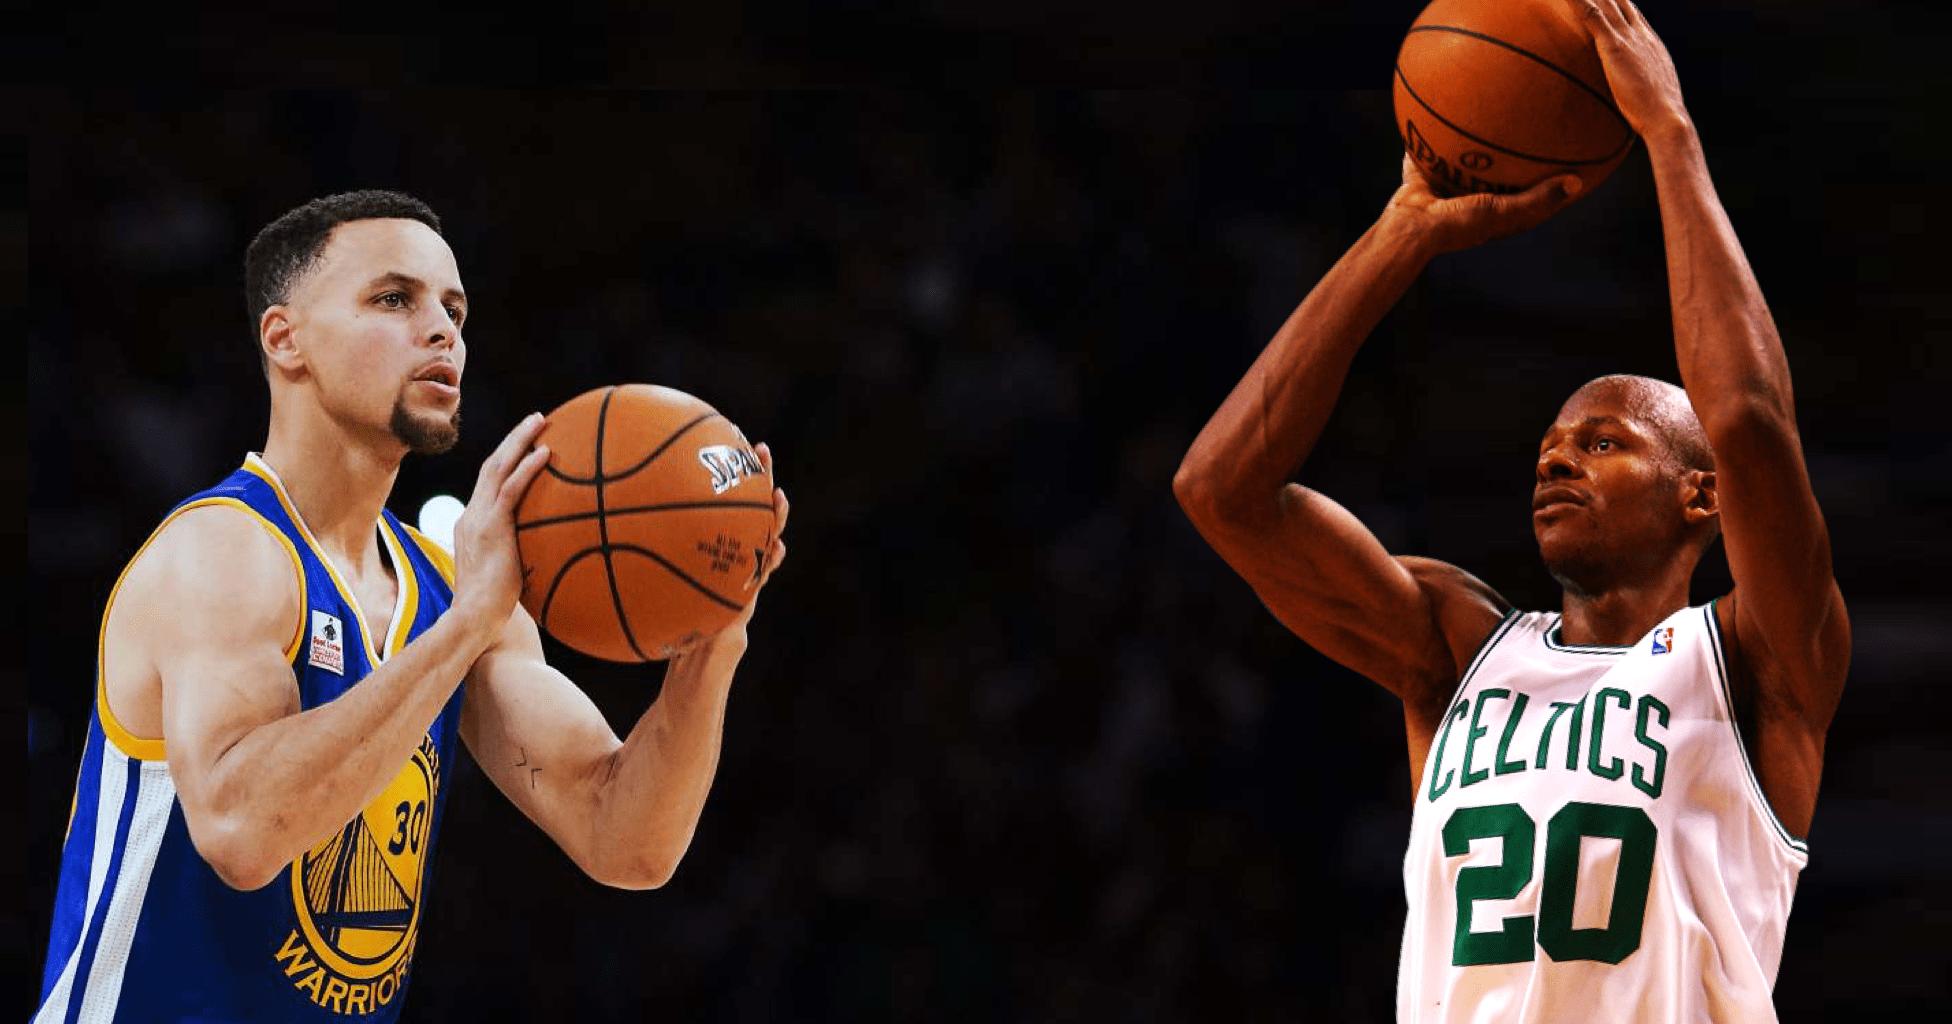 Ray Allen adoube Stephen Curry en tant que meilleur shooteur